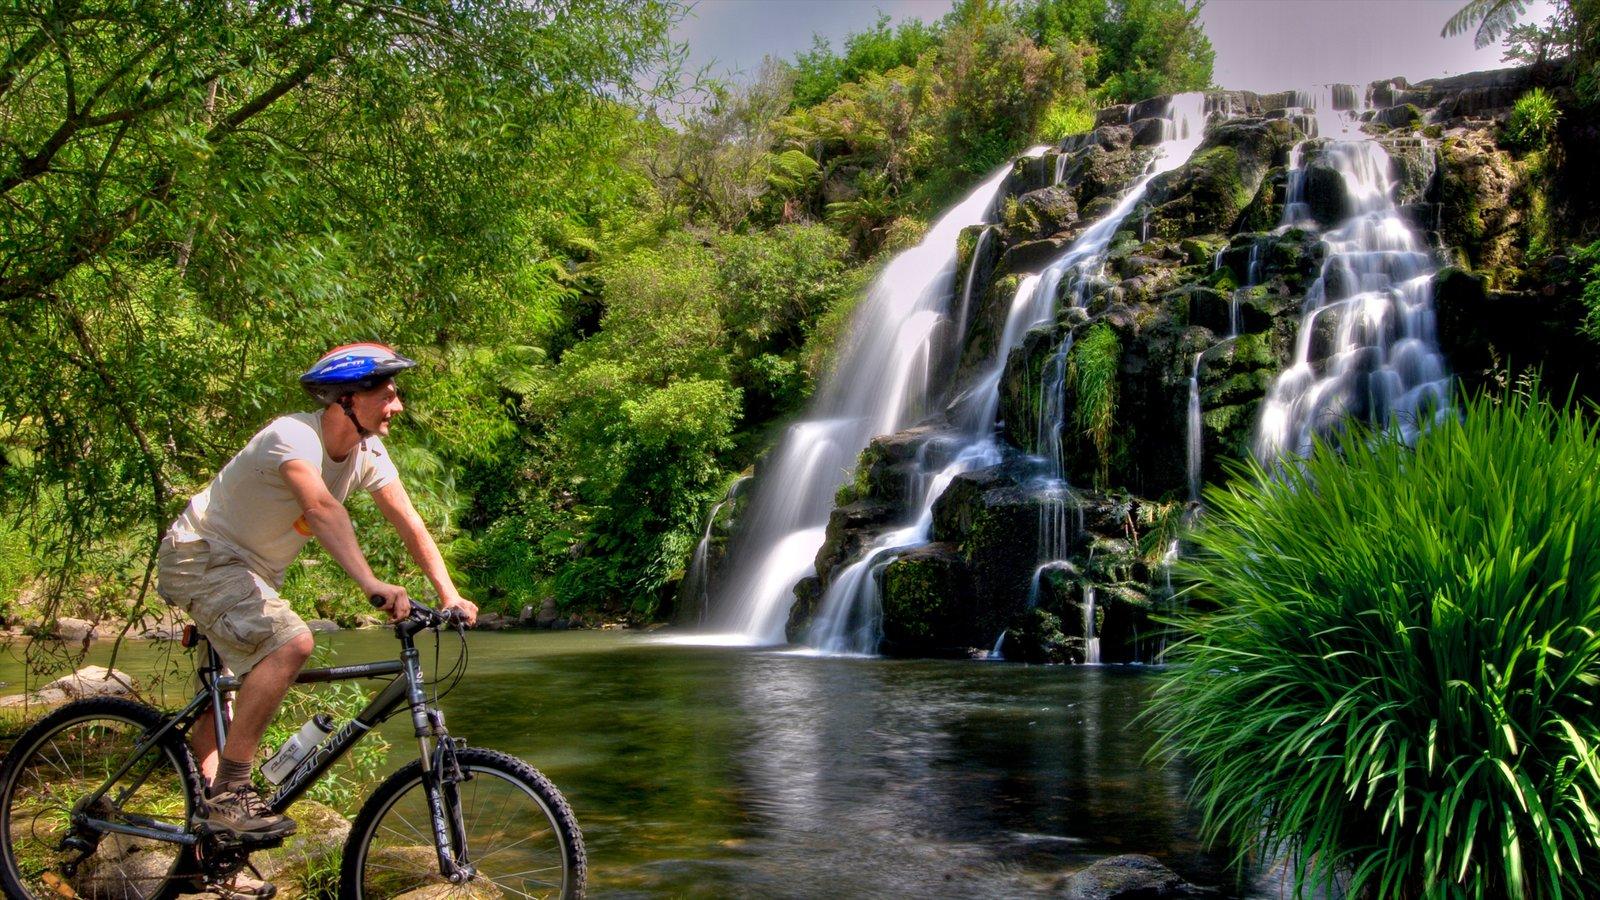 Costa de Coromandel ofreciendo bosques, un estanque y una catarata